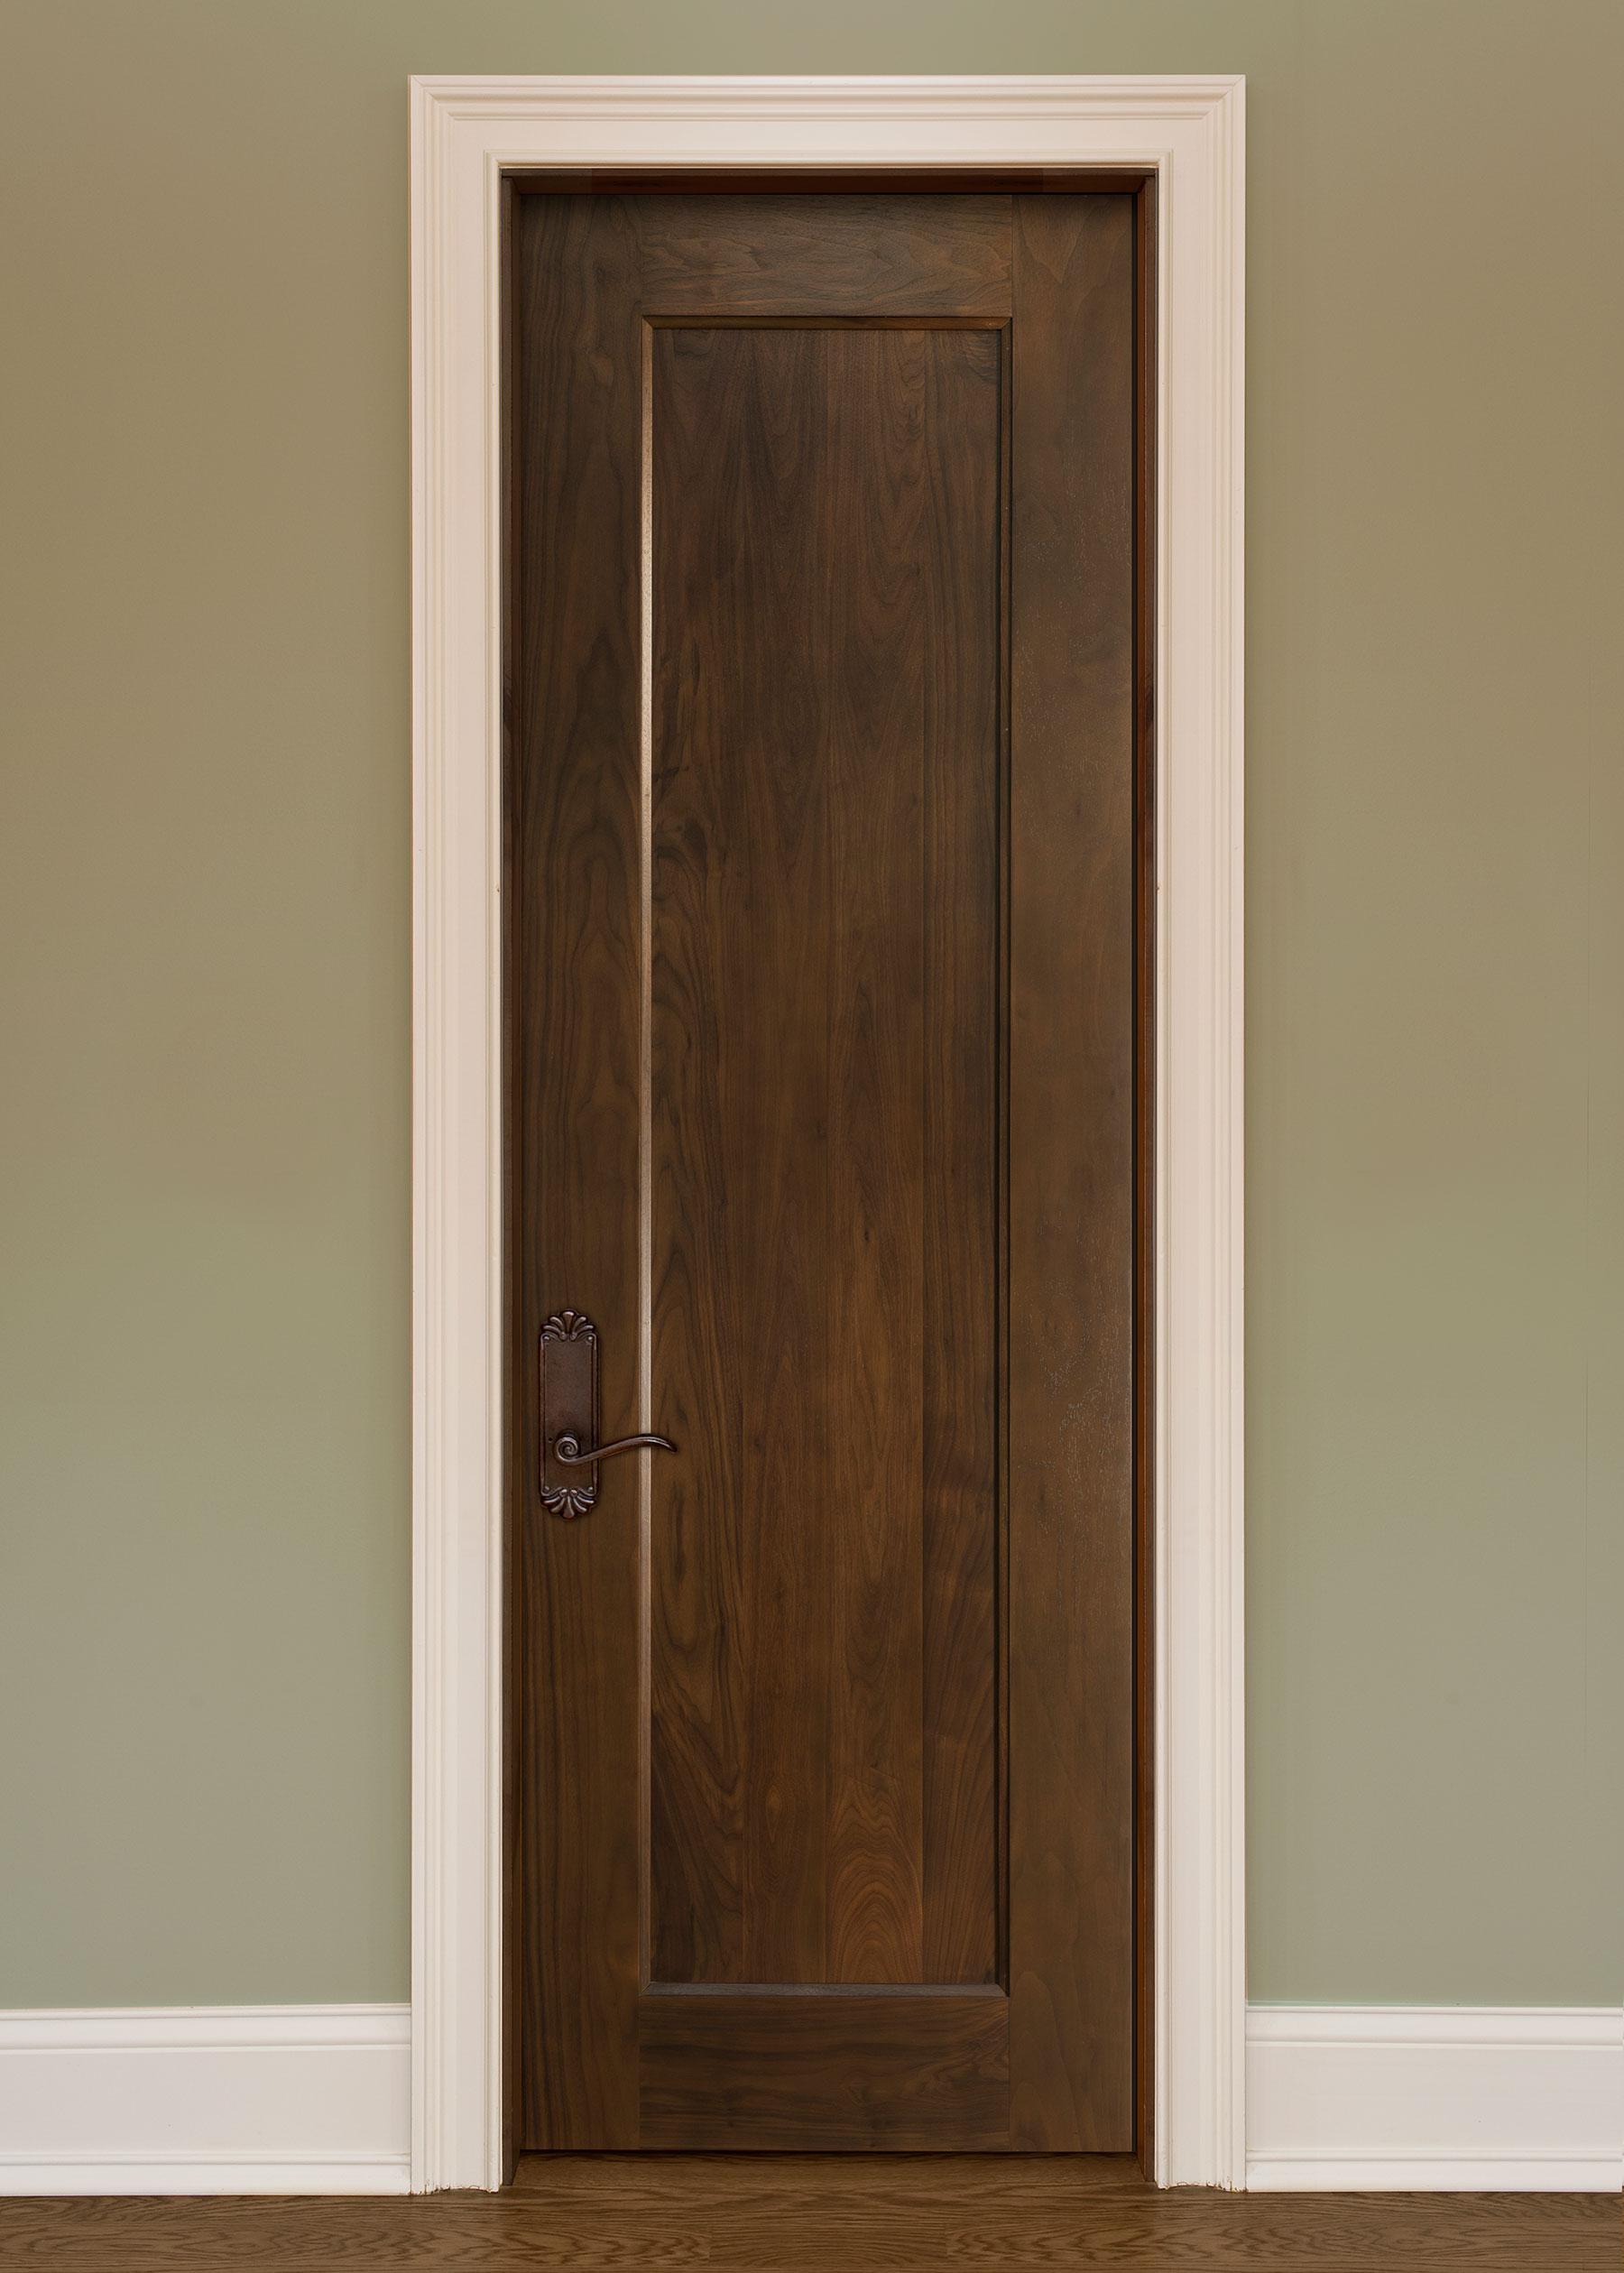 Custom Wood Interior Doors | Custom Interior 1 Flat Panel Solid Wood Door, Single DBI-1000B - Glenview Doors - Custom Doors in Chicago